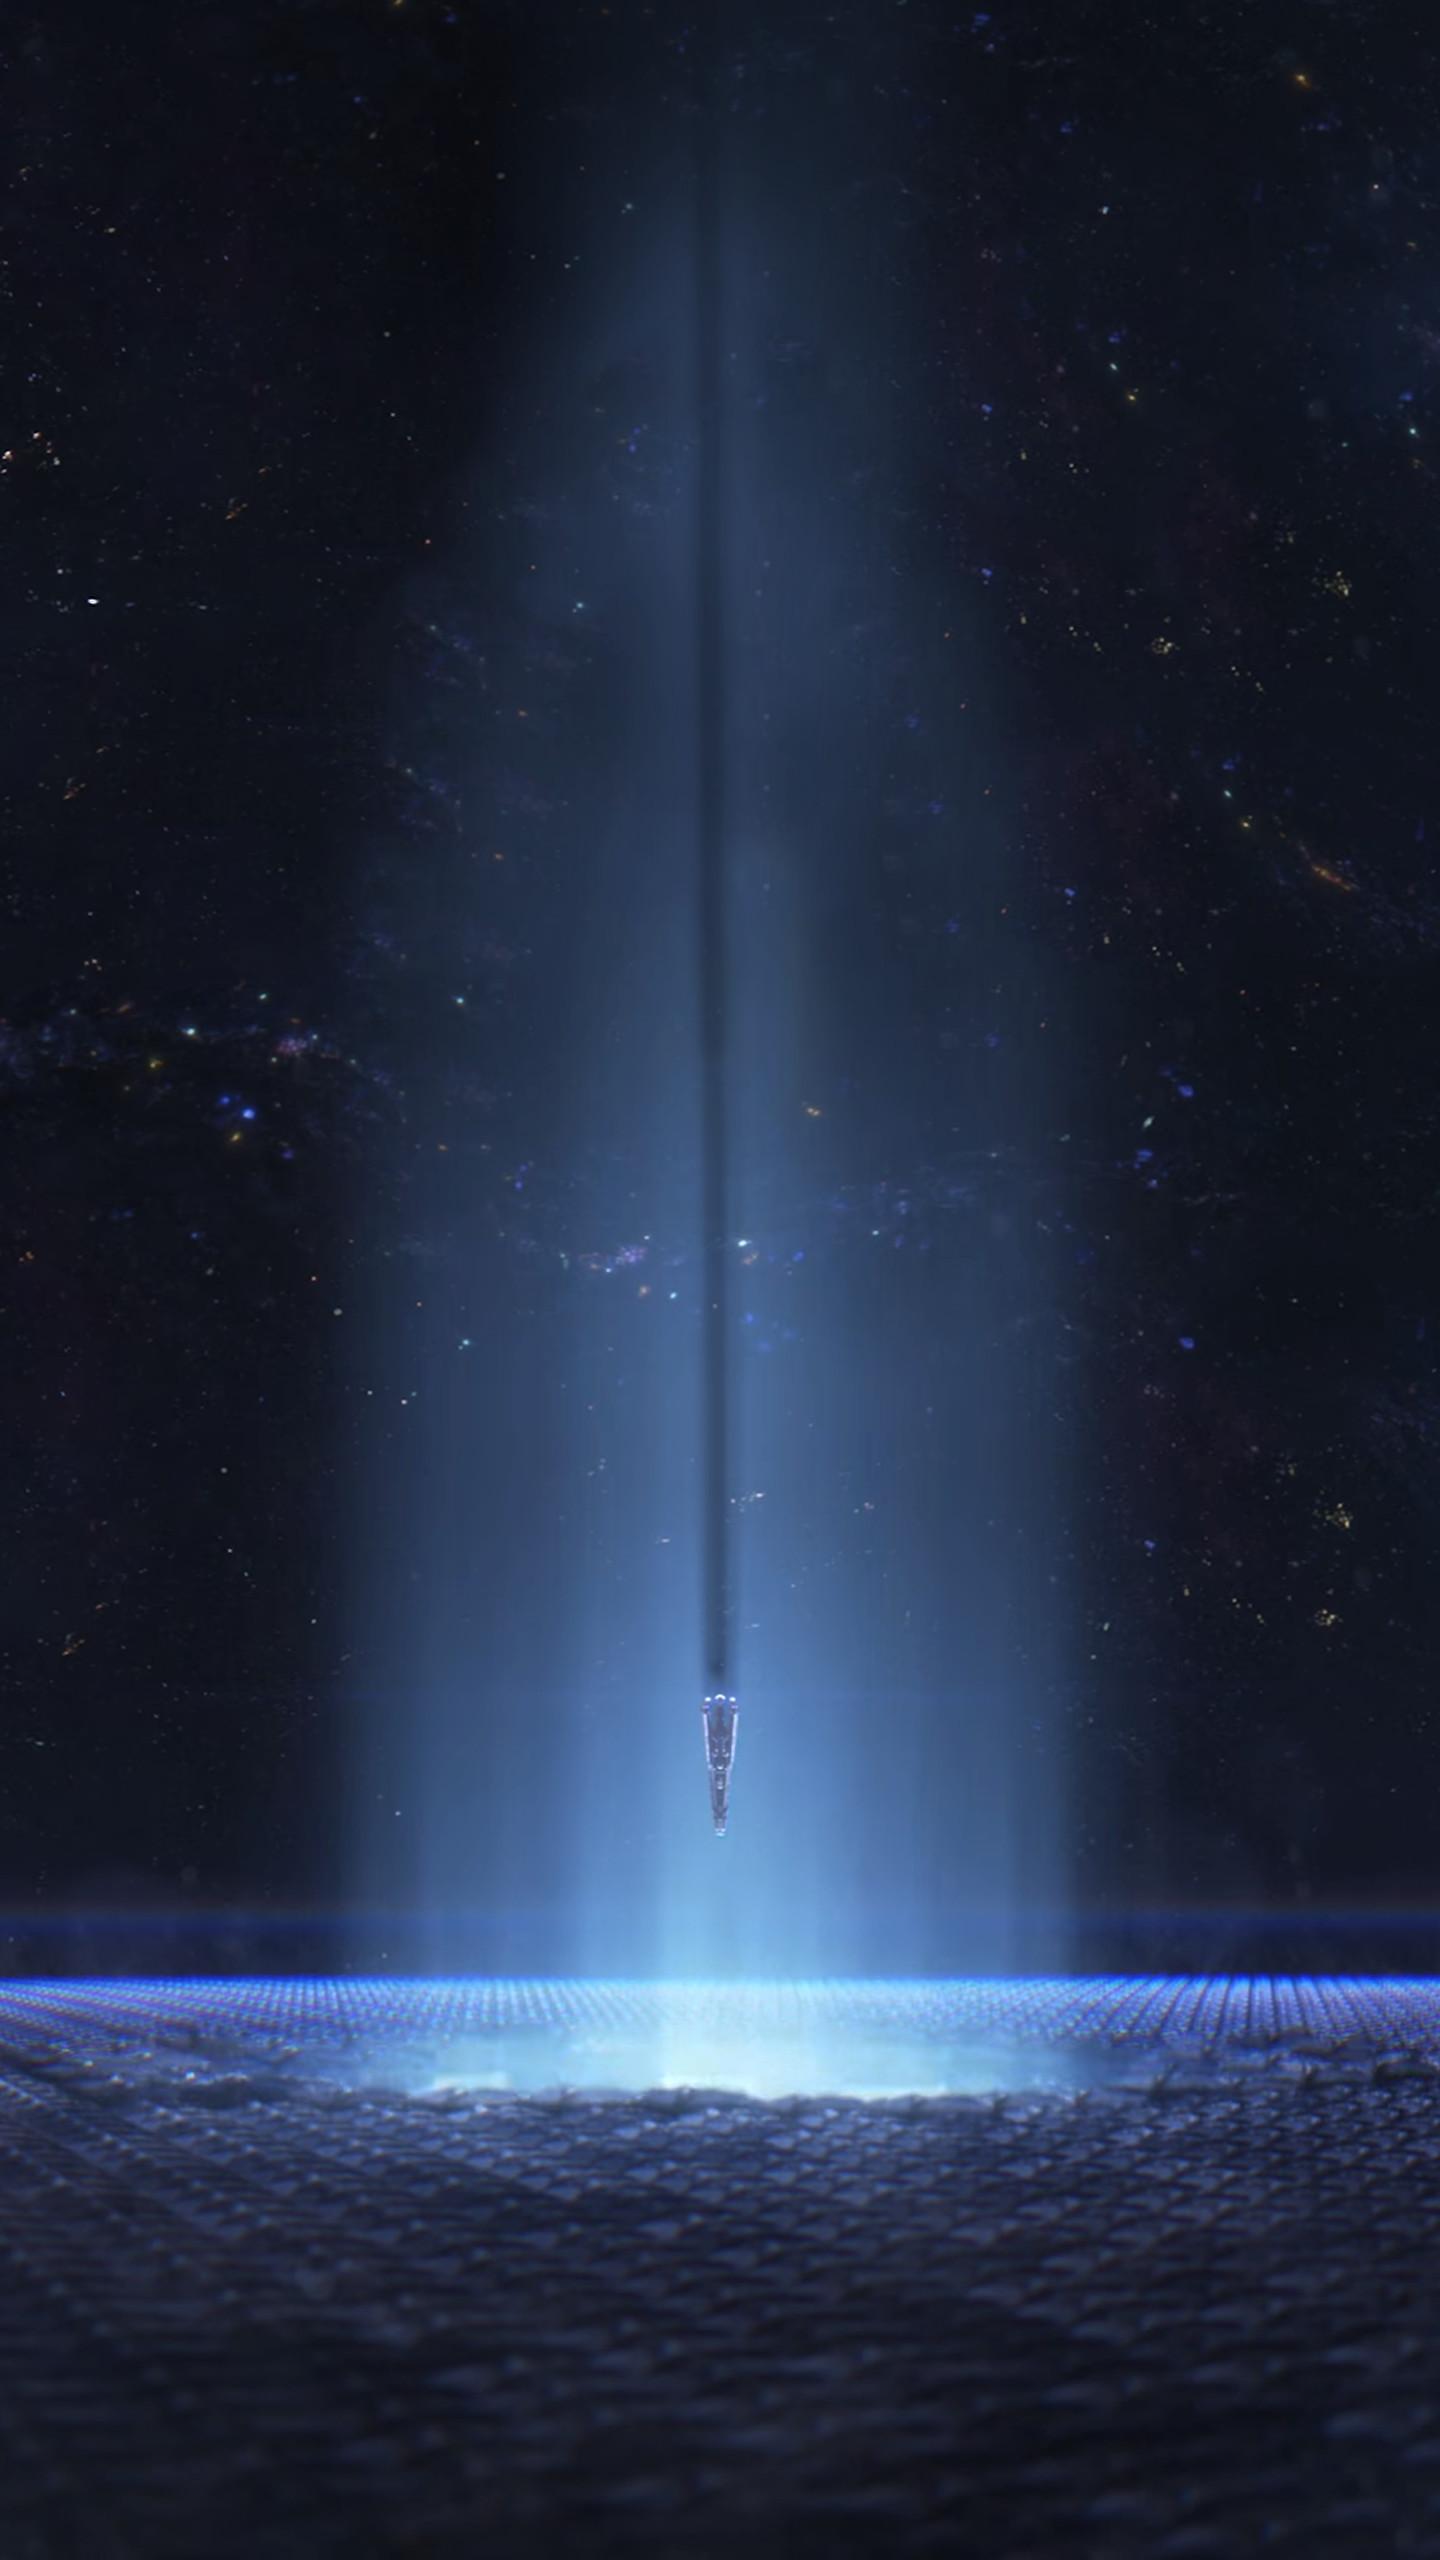 Mass Effect 2 Hd Wallpaper Mass Effect Mobile Wallpaper 183 ① Wallpapertag